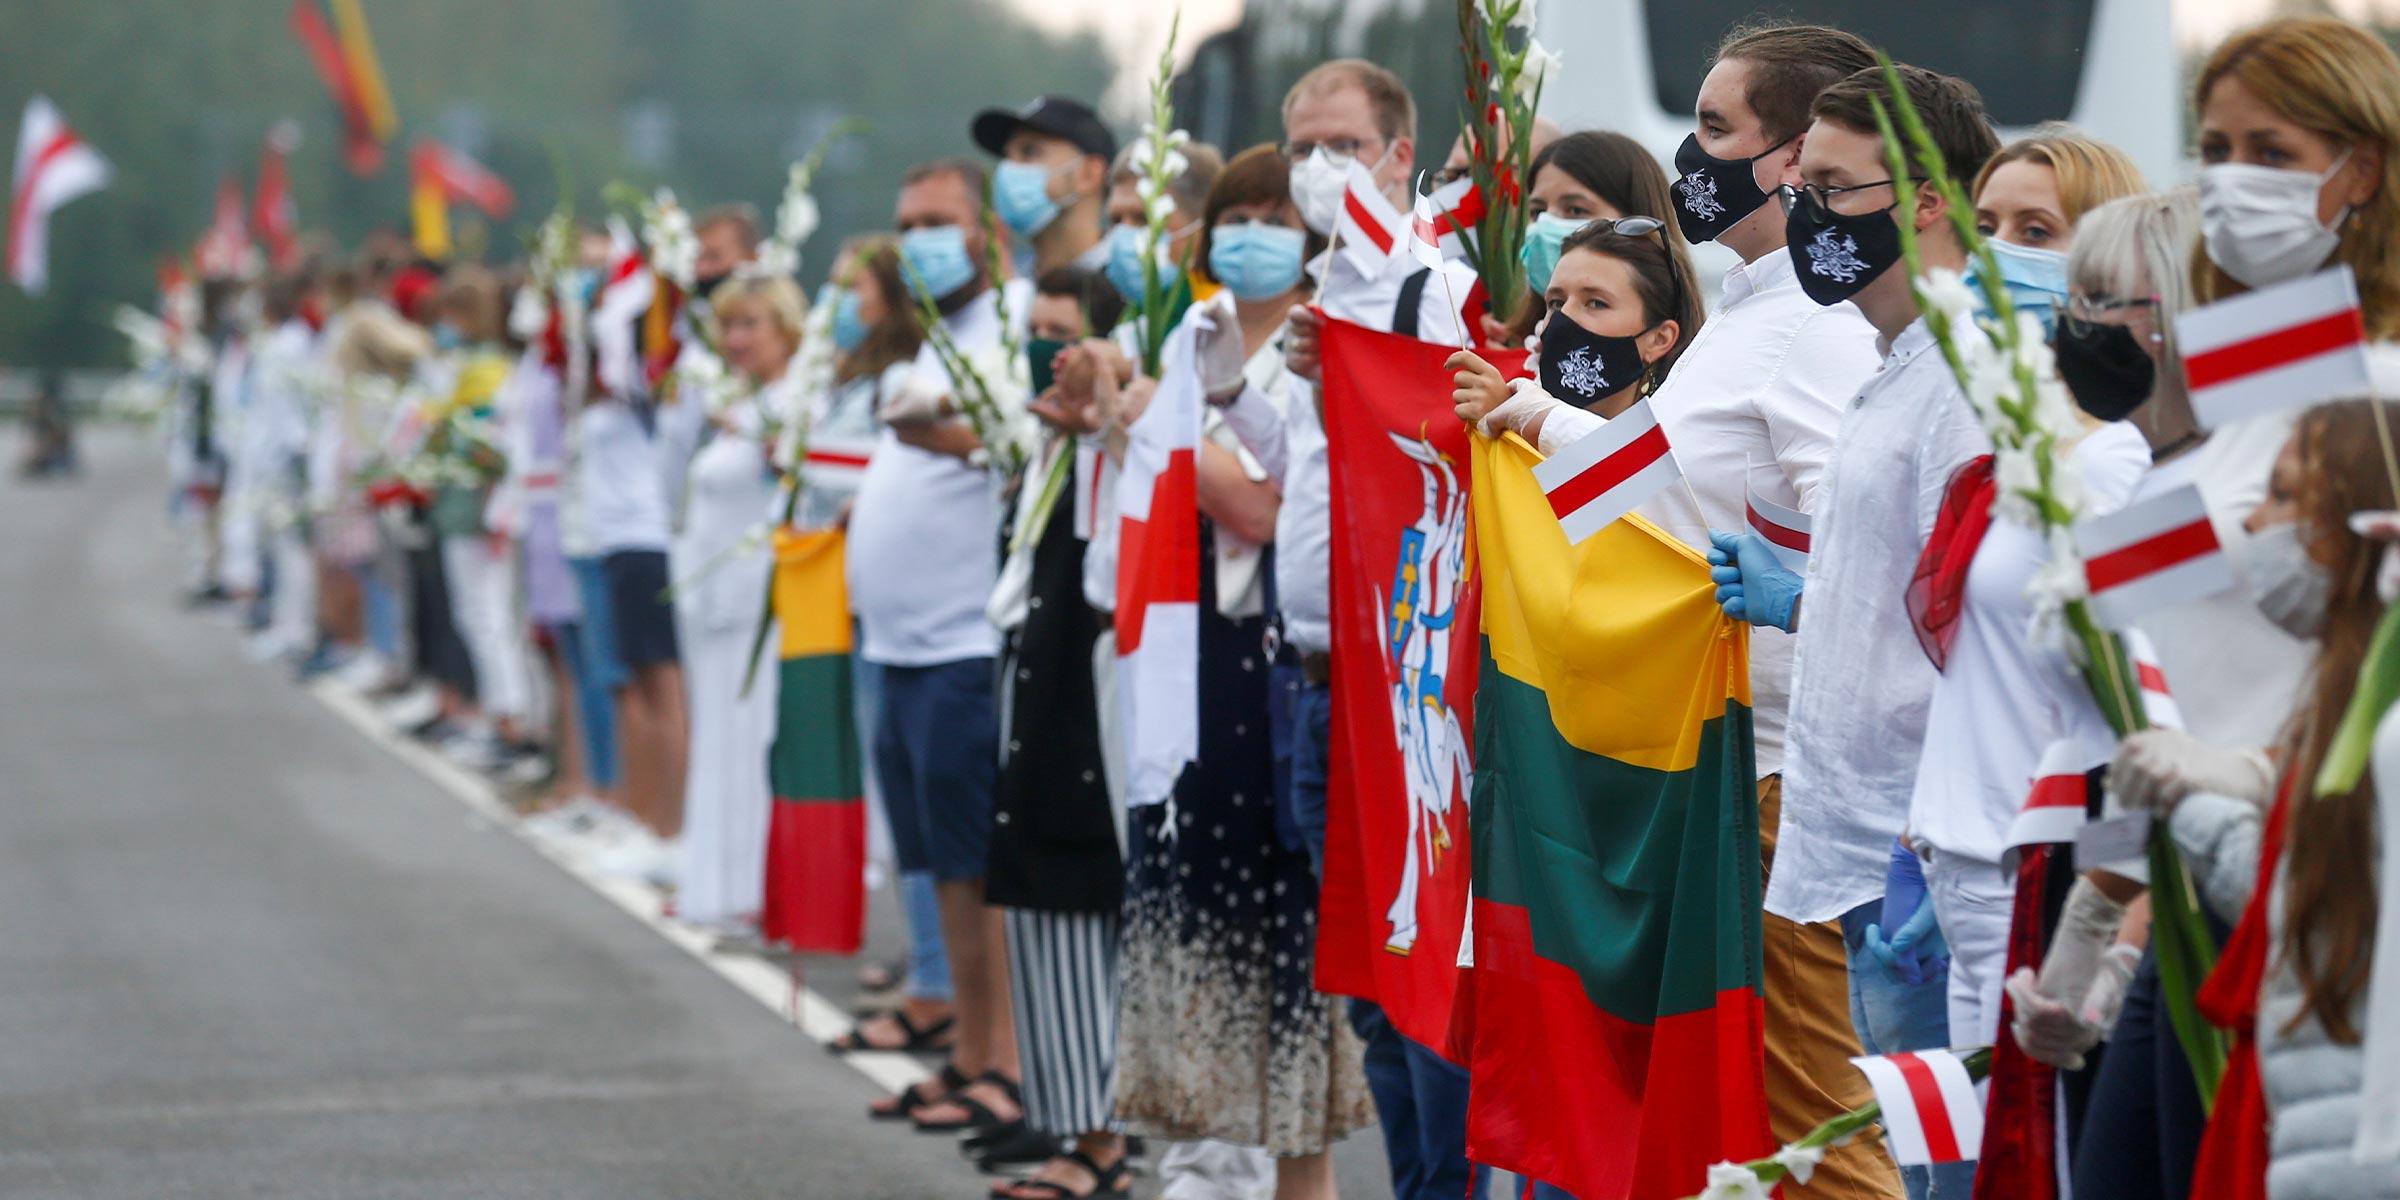 Las personas forman una cadena humana para mostrar su apoyo a los manifestantes en Bielorrusia en Medininkai, Lituania, el 23 de agosto de 2020. REUTERS / Ints Kalnins